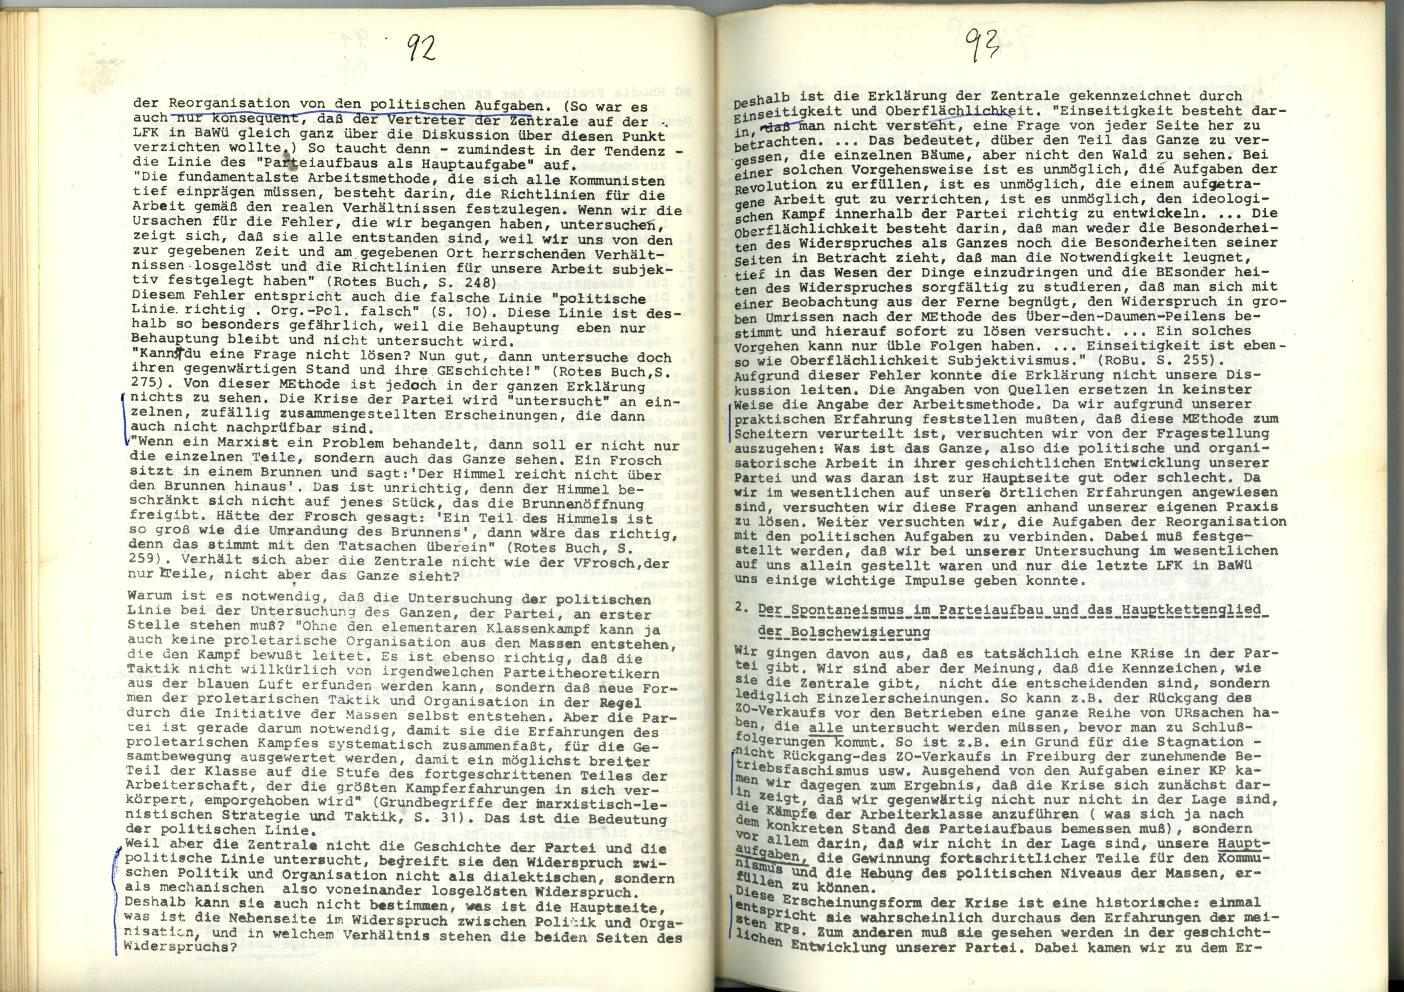 ZB_1972_Diskussionsorgan_zur_ersten_Parteikonferenz_51